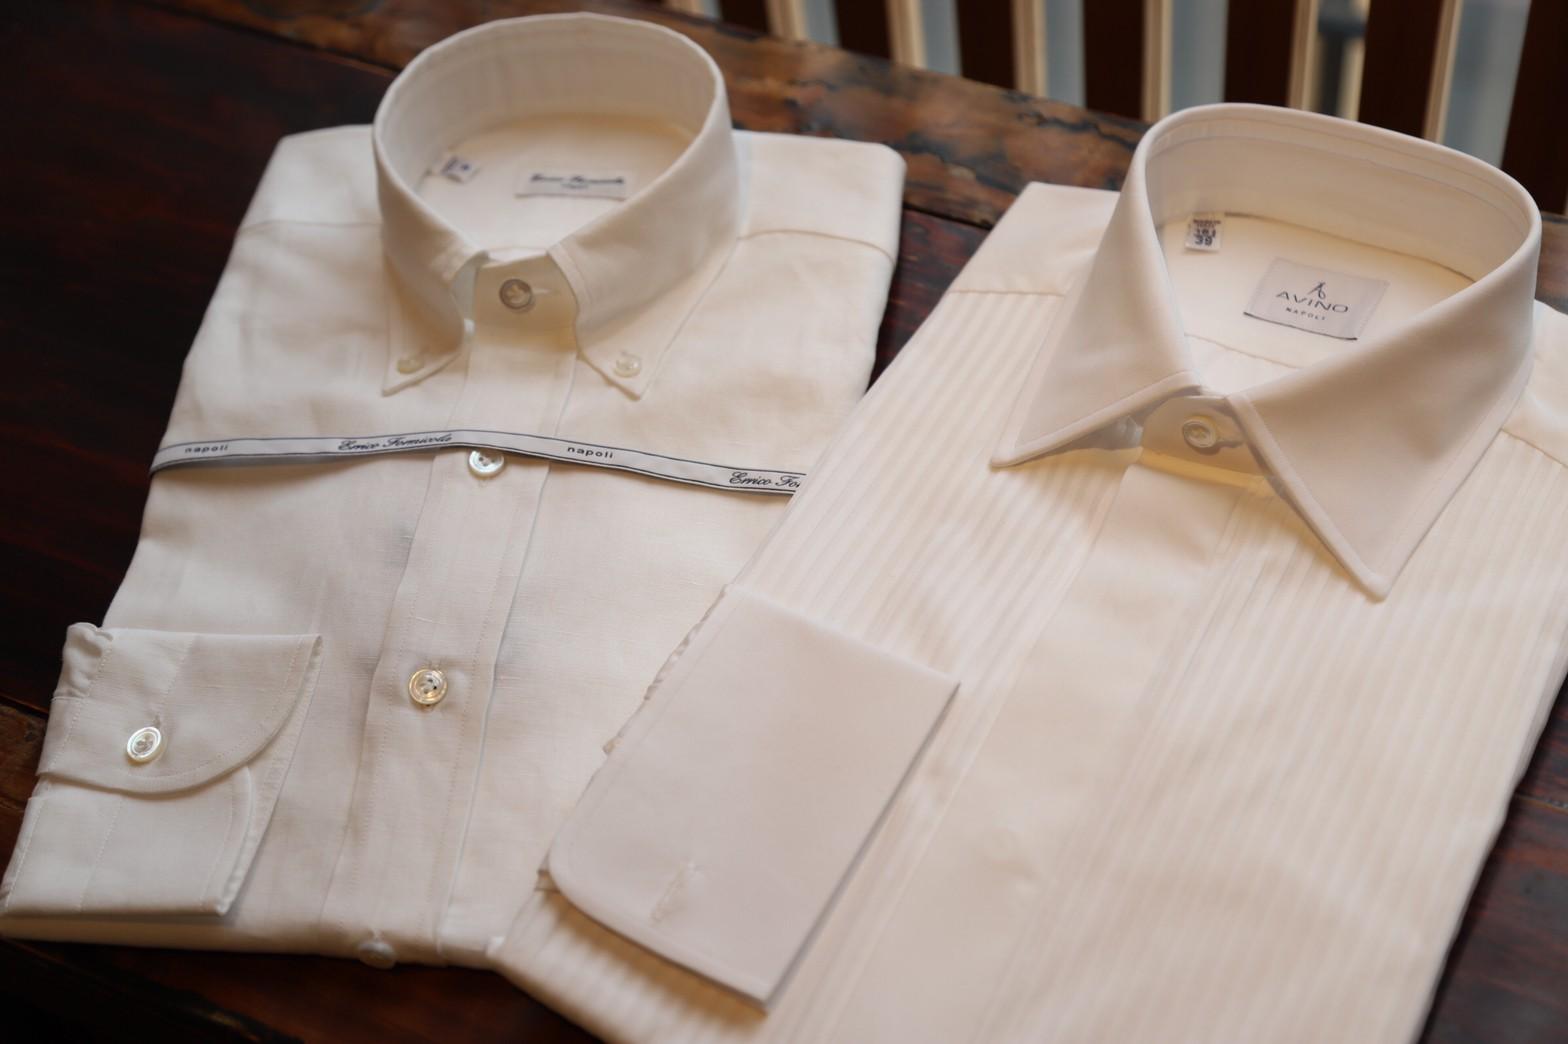 ザトリートドレッシング京都店がご紹介するご新郎様におすすめのフォーマルスタイルによるドレスコードのご紹介